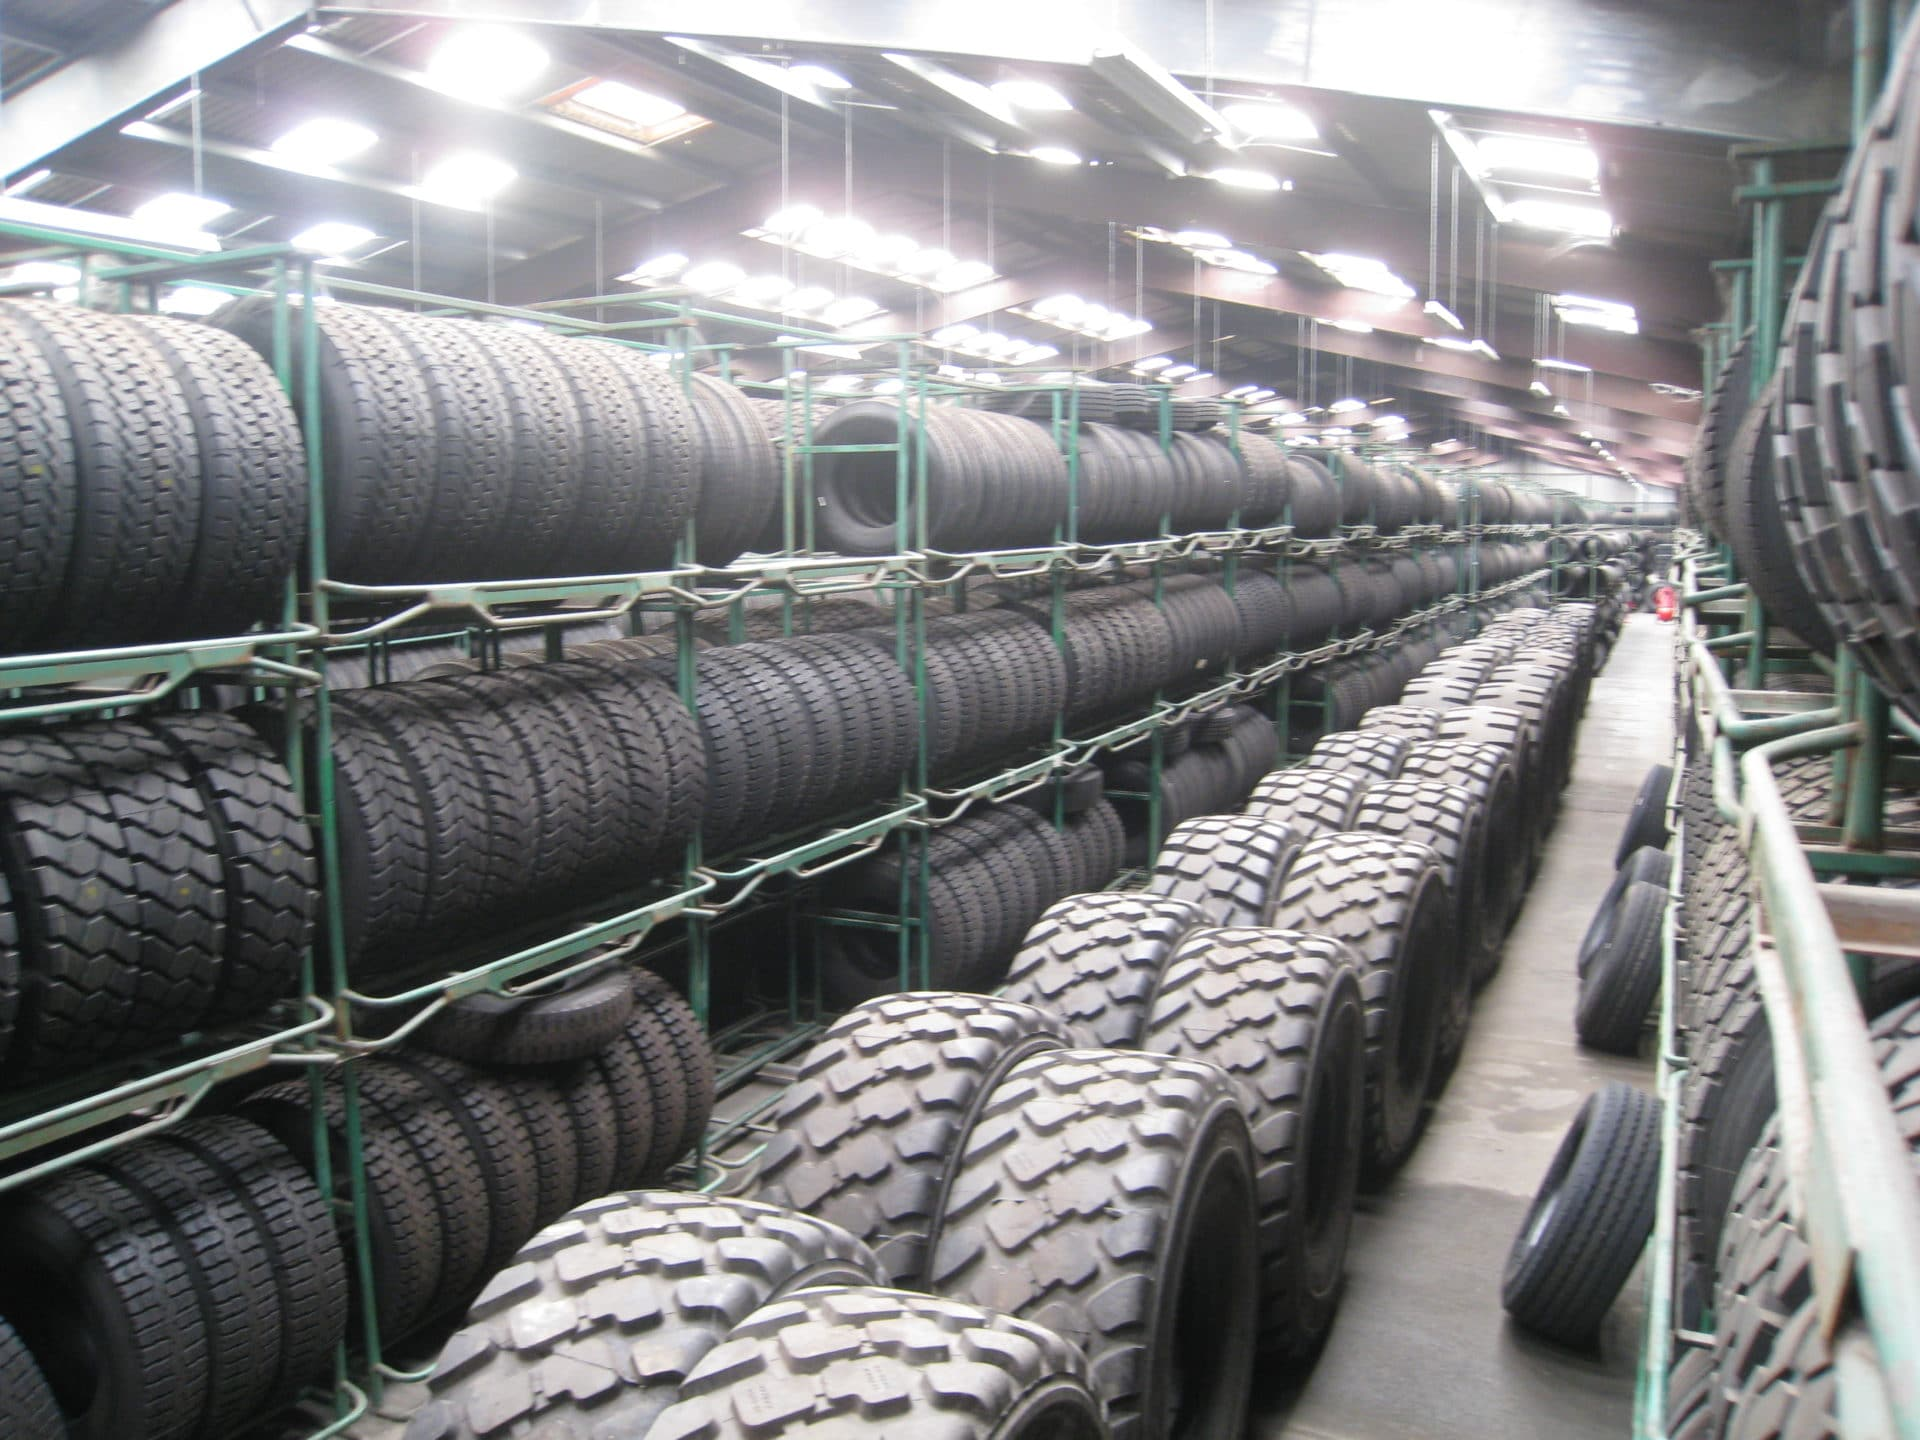 Achat de pneus le plus grand choix de pneus pour voitures, 4x4, SUV, camionnettes, poids lourd, accessoires avec centres de montage rapides de vos pneus